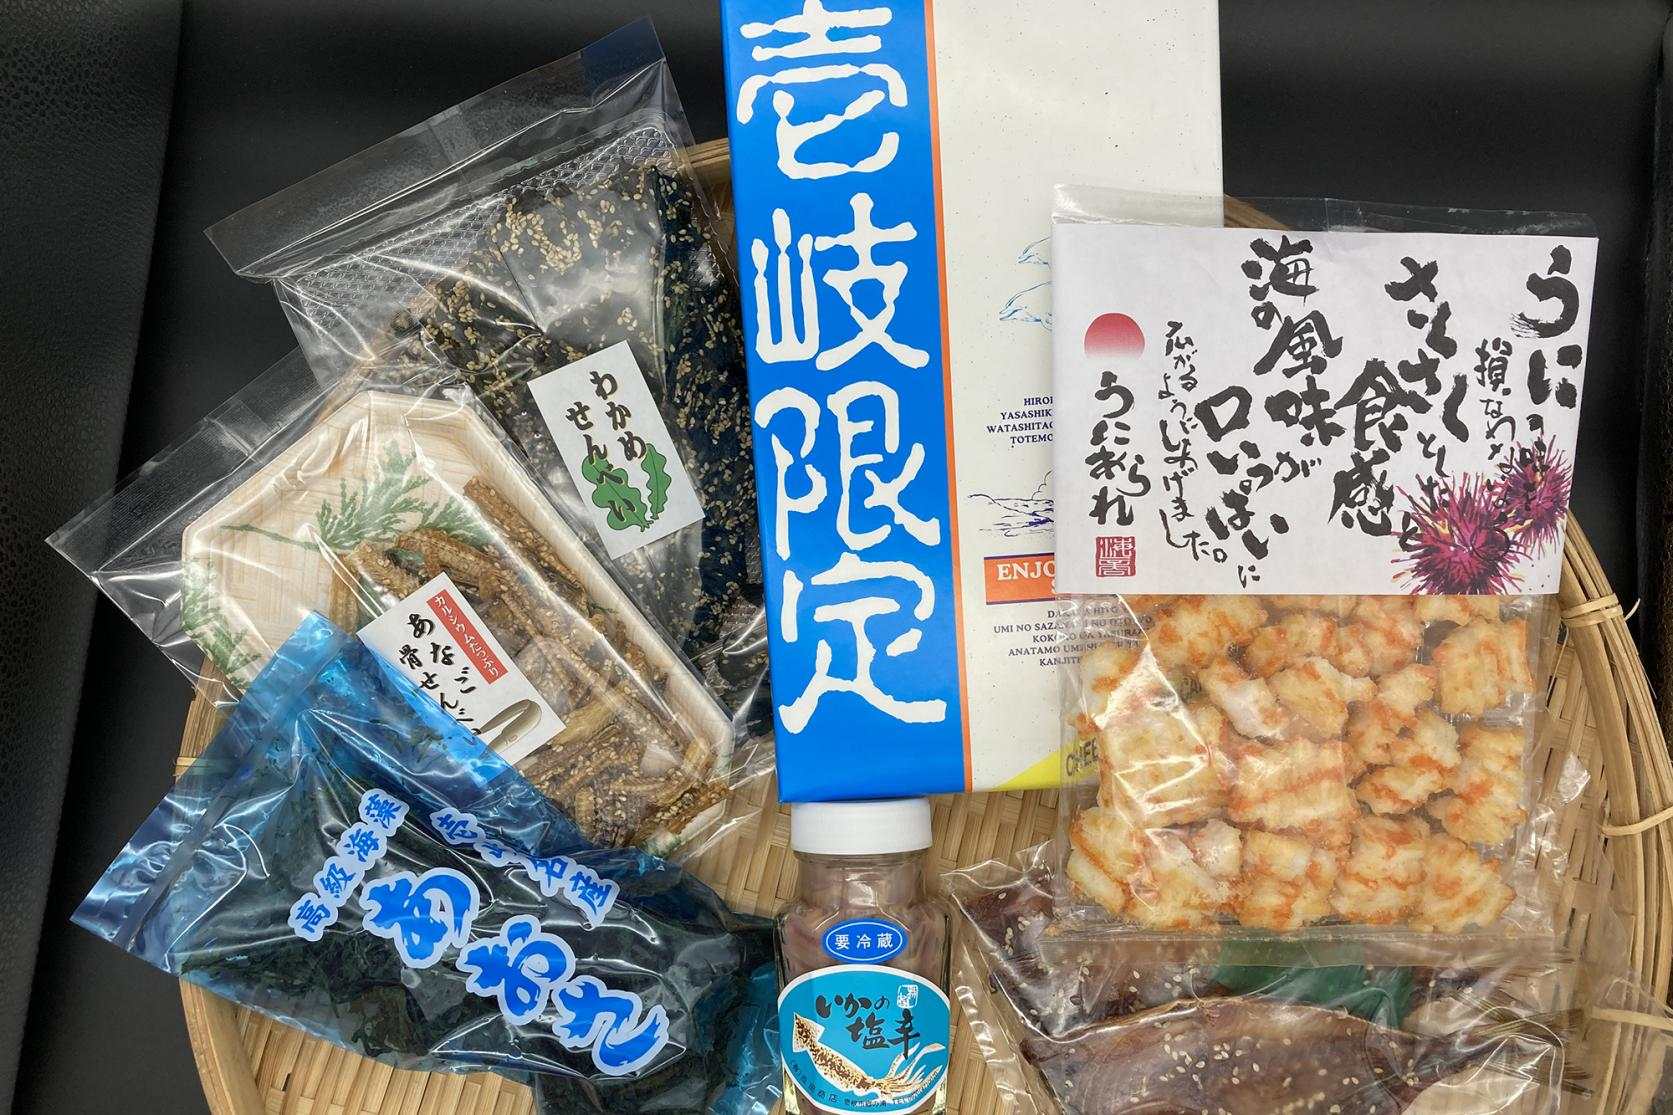 吉田商店お買い物サイト-1